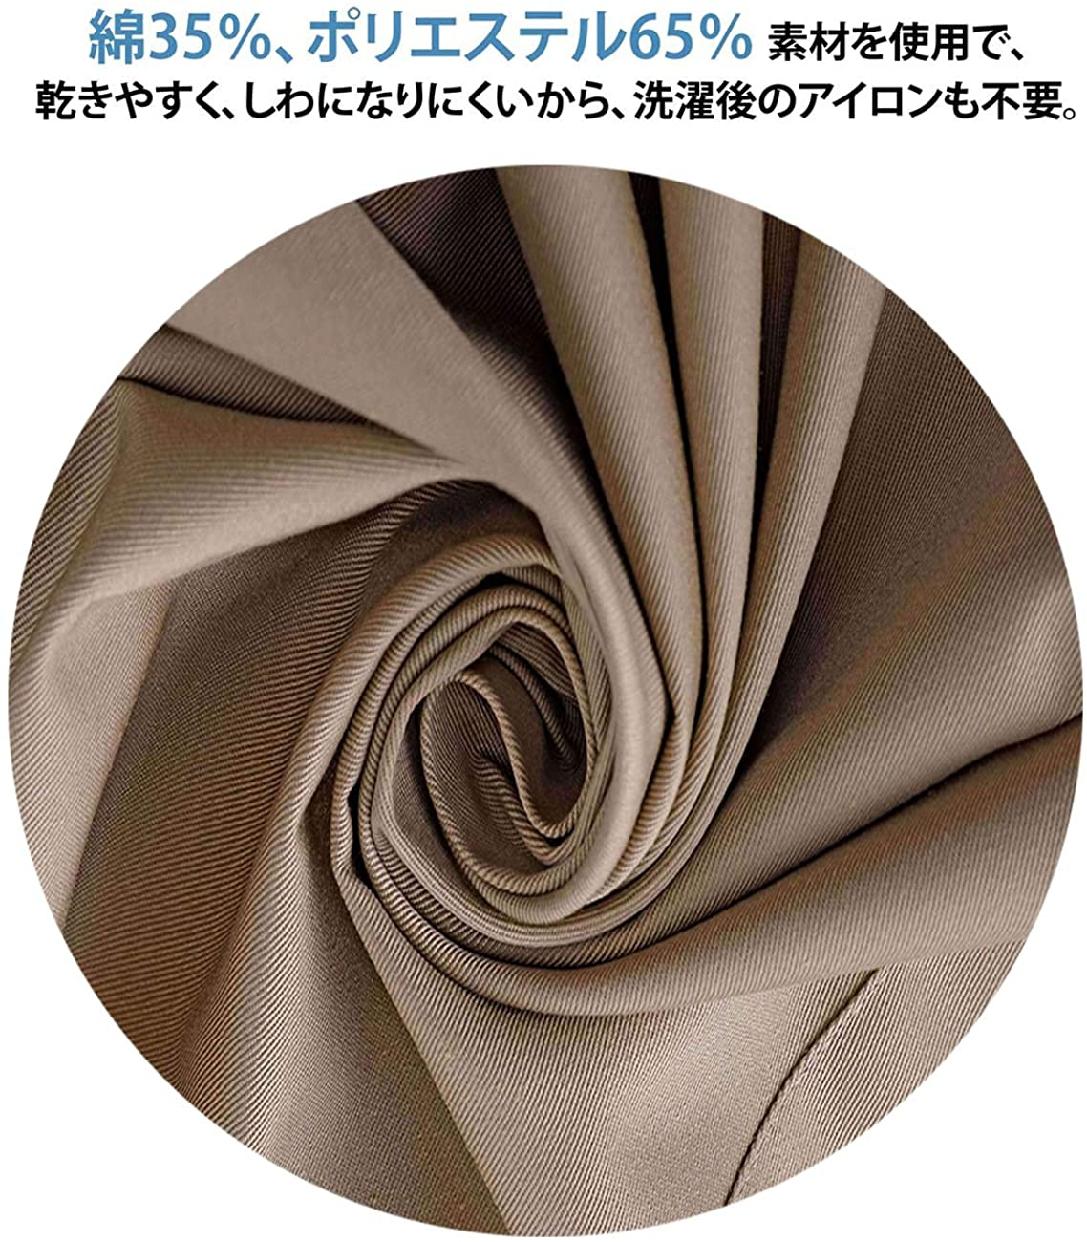 WOOMOON花月(WOOMOON) 三角巾の商品画像3